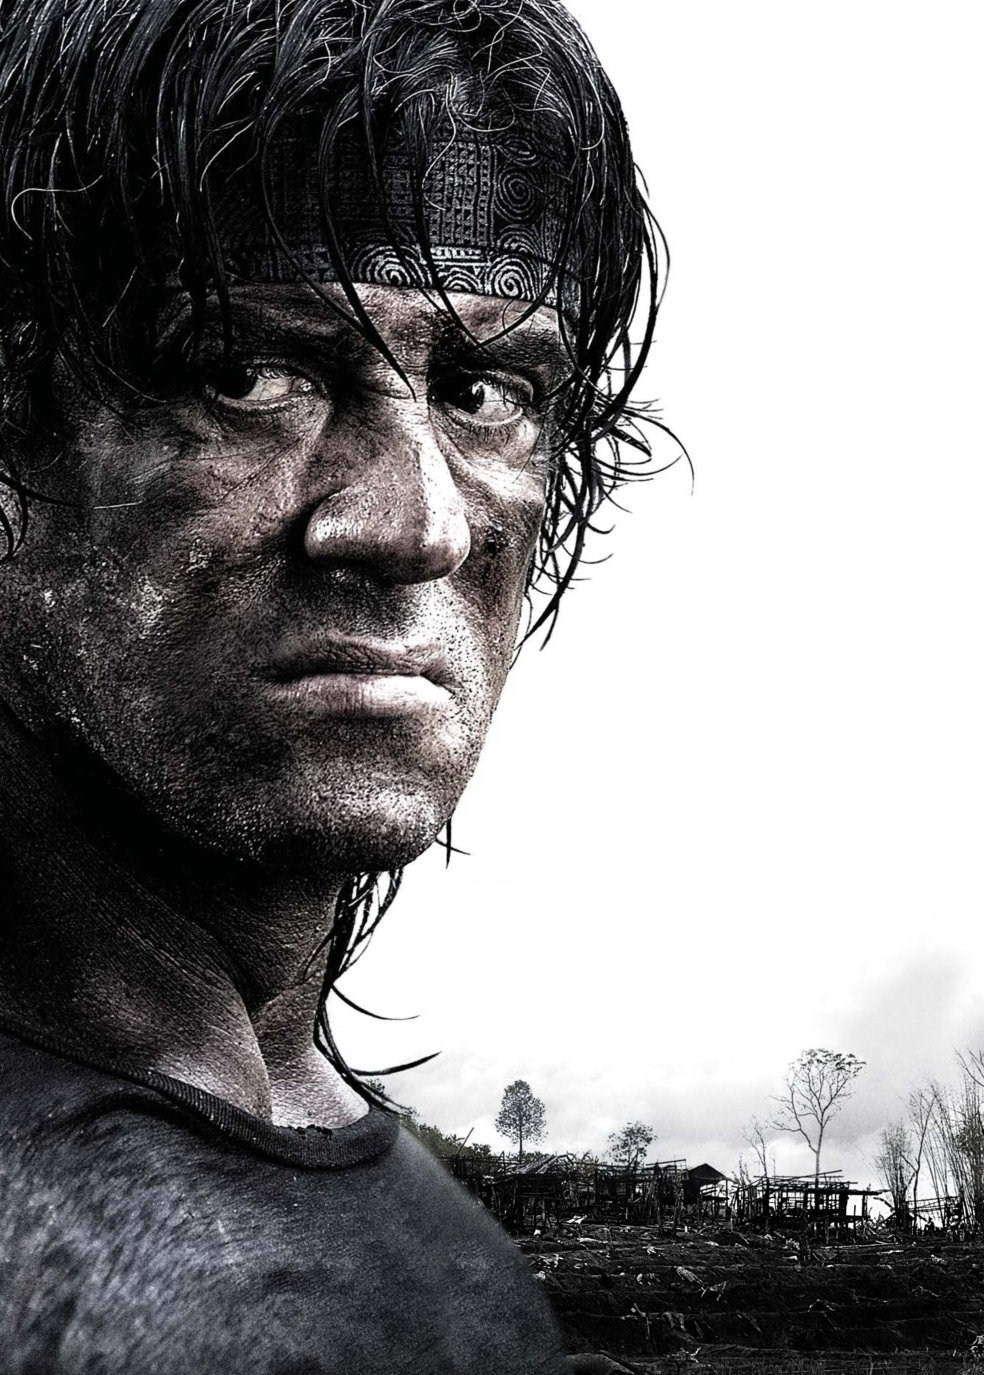 12265 скачать обои Кино, Люди, Актеры, Мужчины, Сильвестр Сталлоне (Sylvester Stallone) - заставки и картинки бесплатно